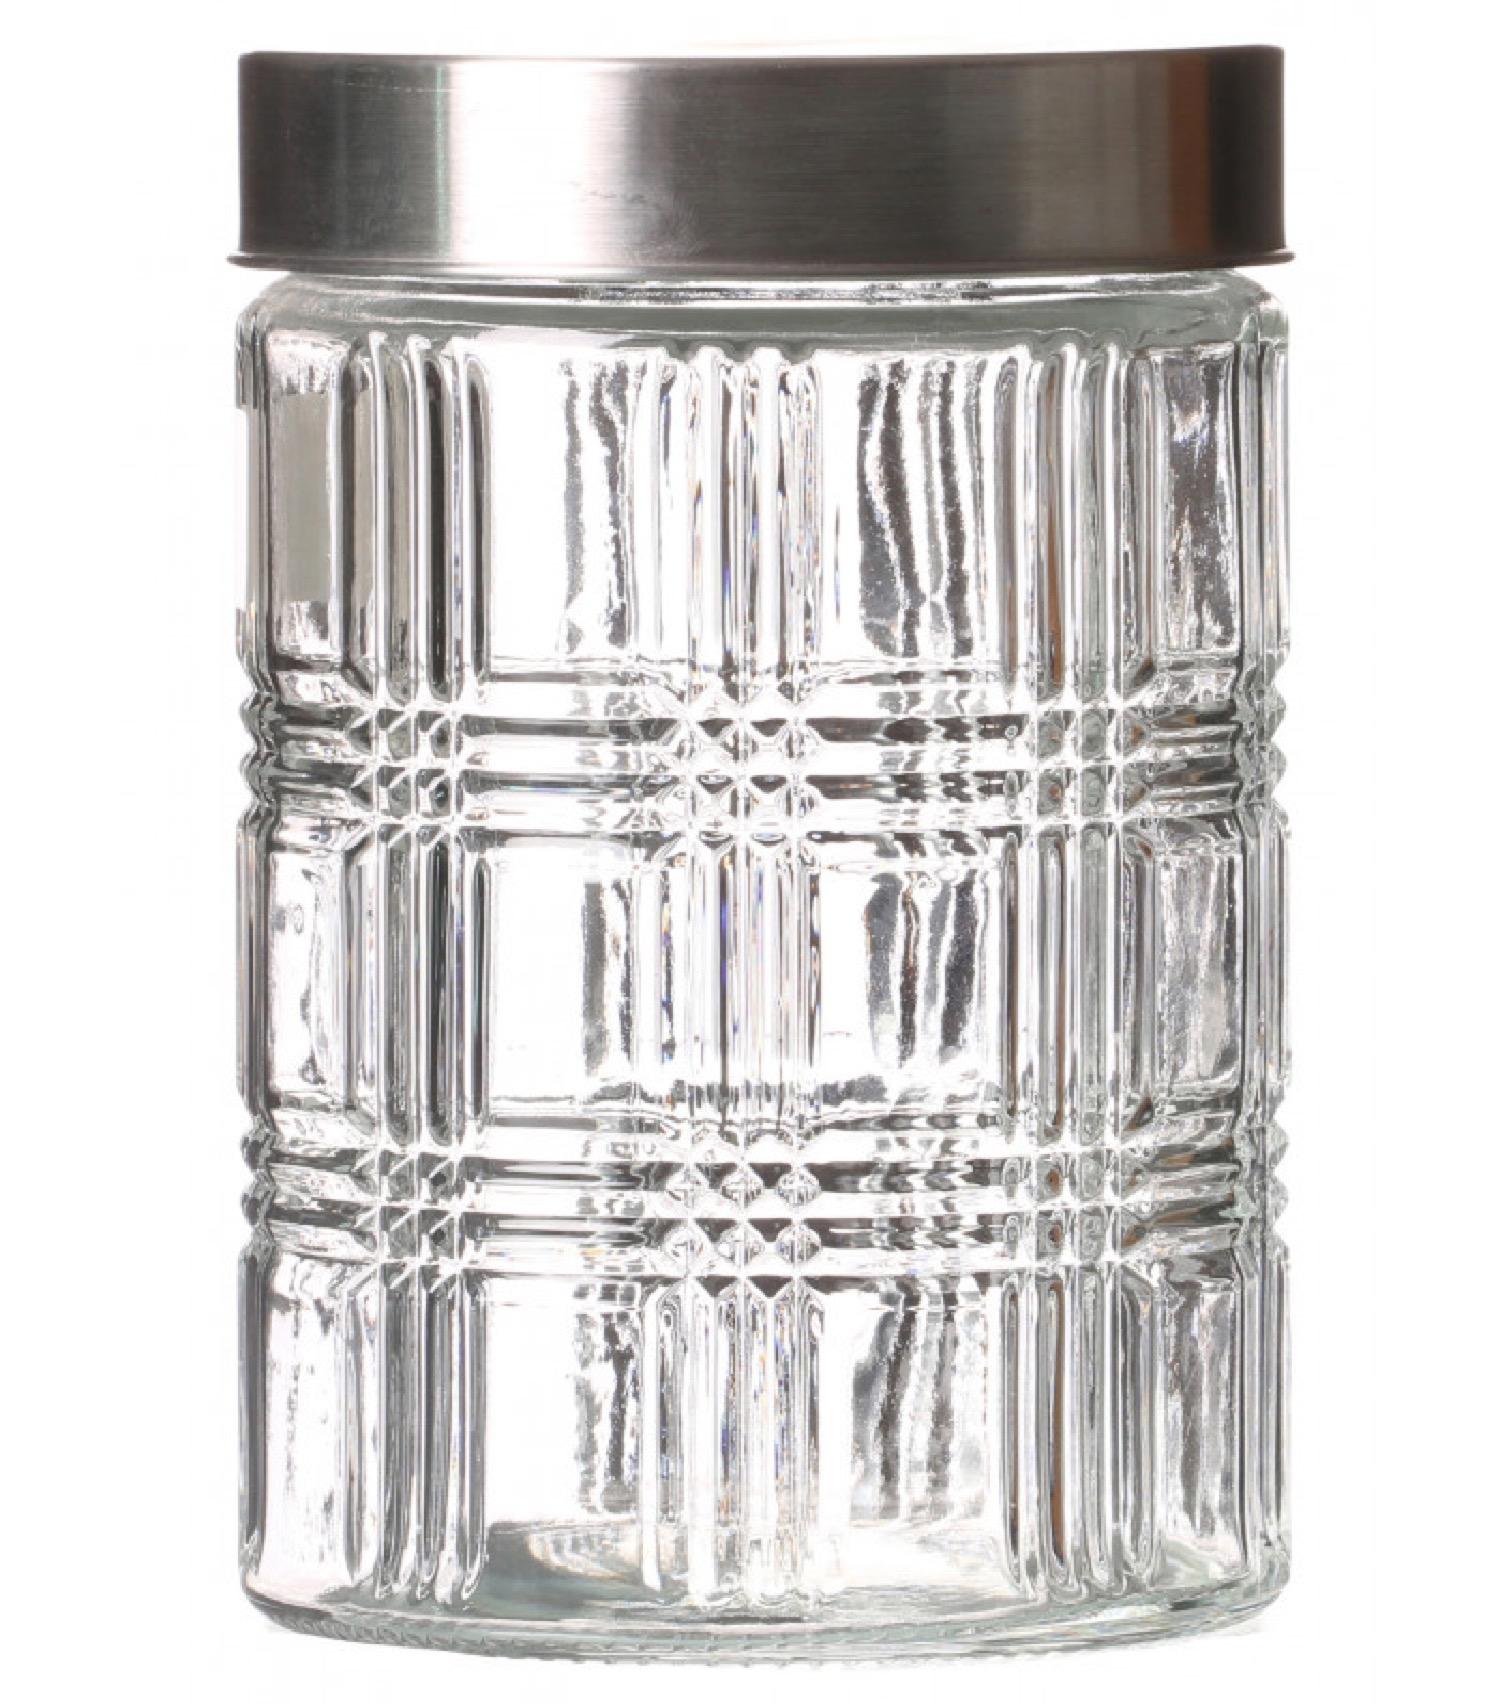 Bocal cuisine hermétique en verre avec couvercle inox 1200ml